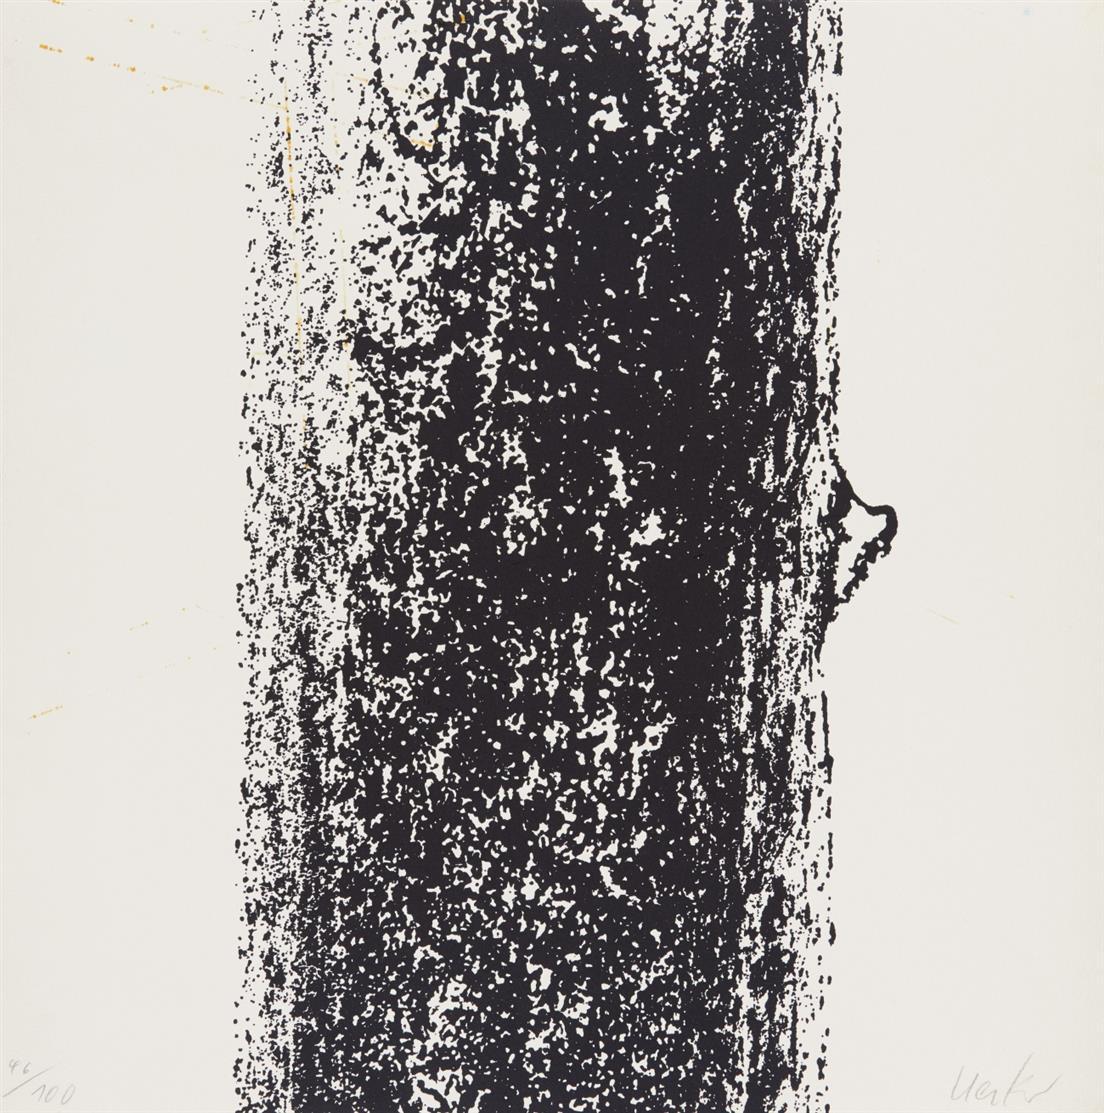 Günther Uecker. Aus: Leibbeschreibung eines Nagels. 1969/70. 4 Blatt Zinkographie und Prägedruck. Signiert. Ex. 45 bzw. 46 /100.